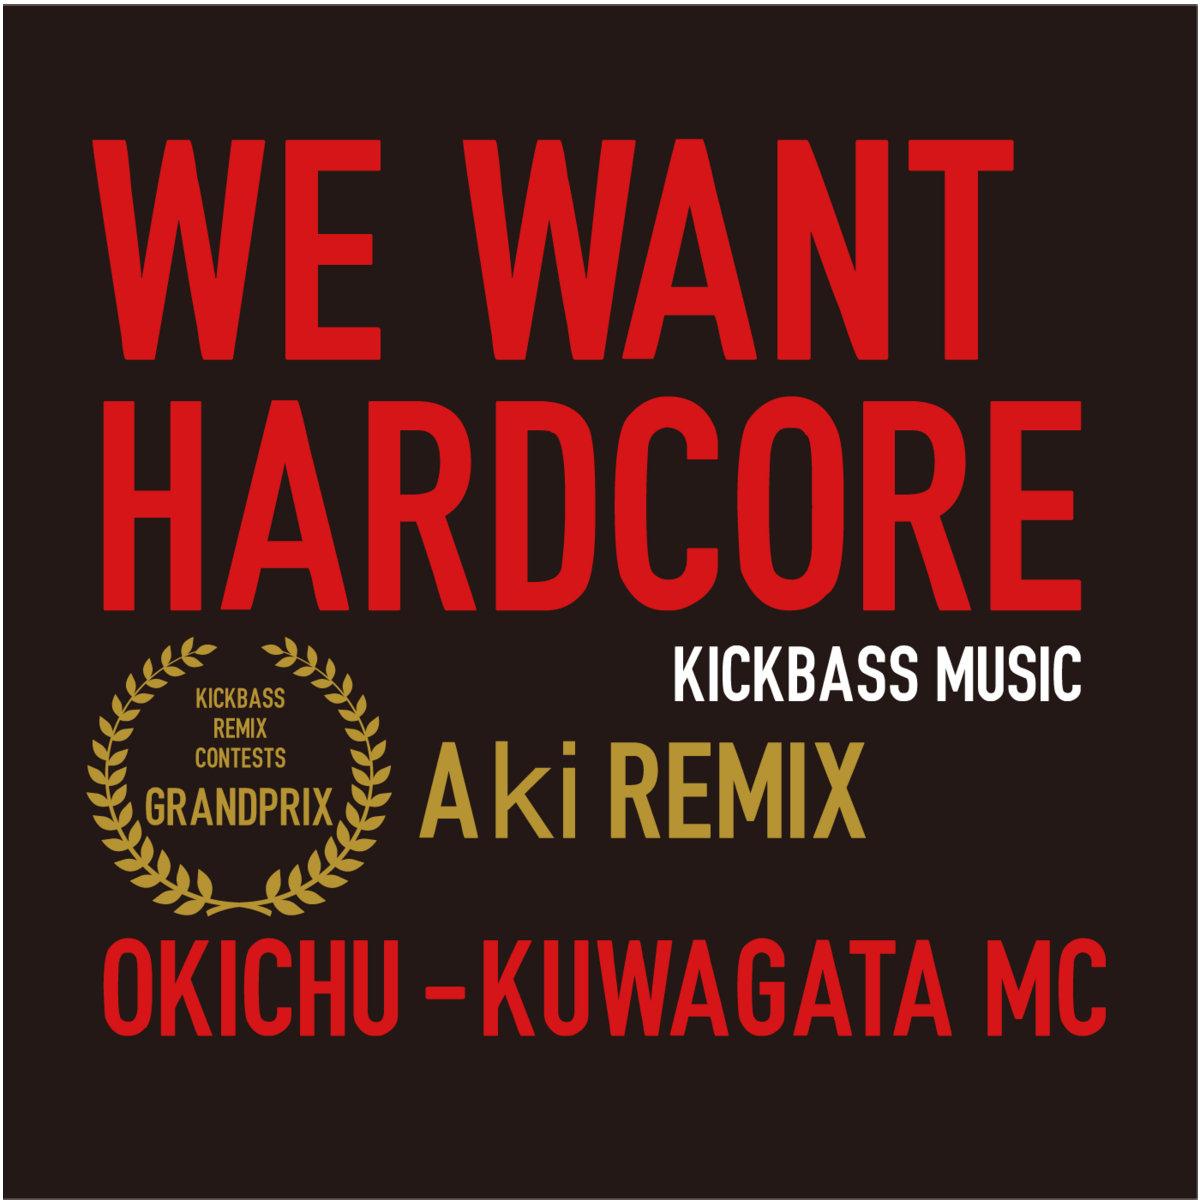 We Want Hardcore (Aki REMIX)   kickbass